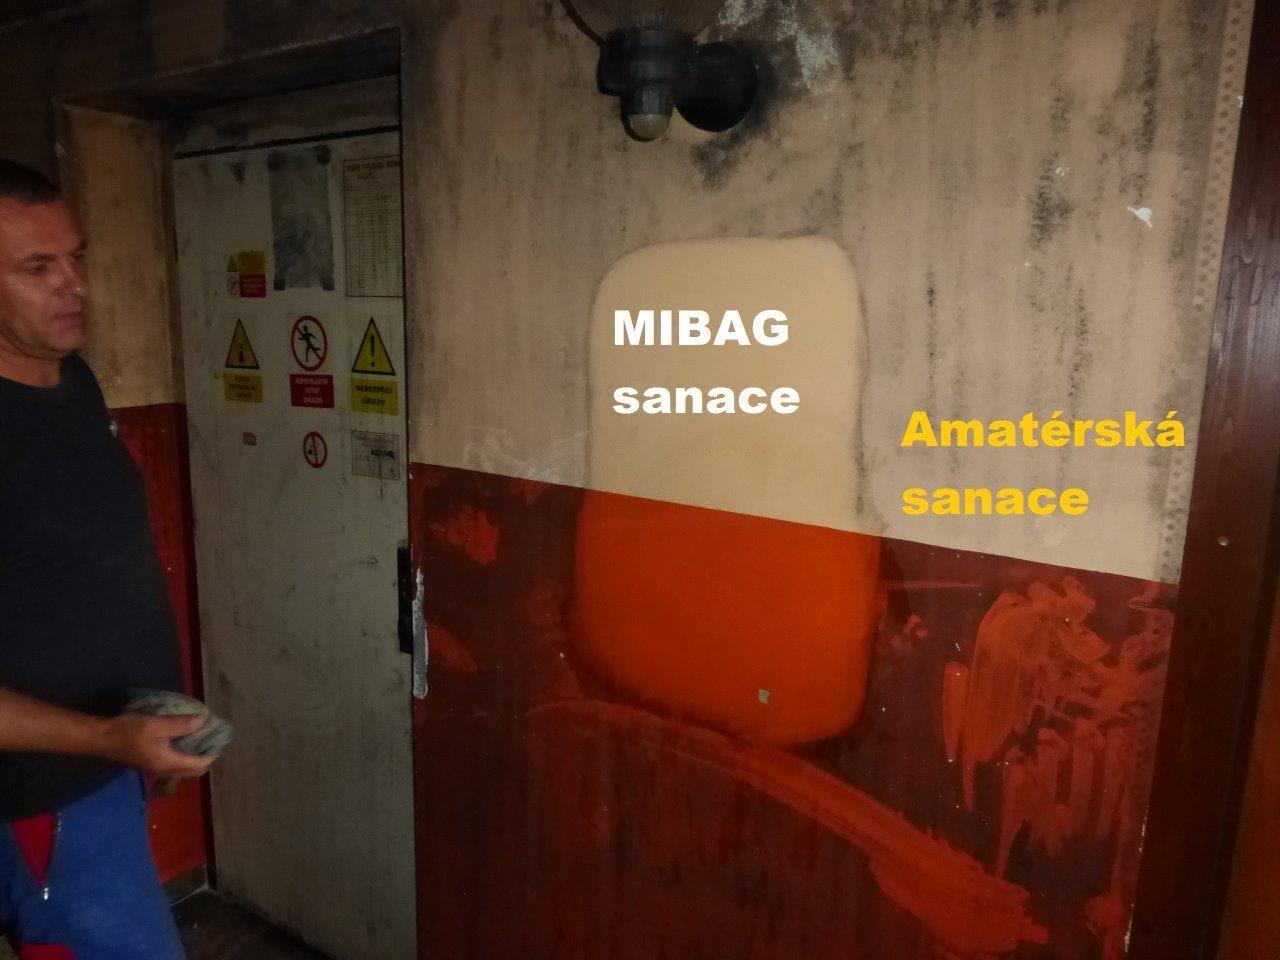 Sanace a člen týmu MIBAG